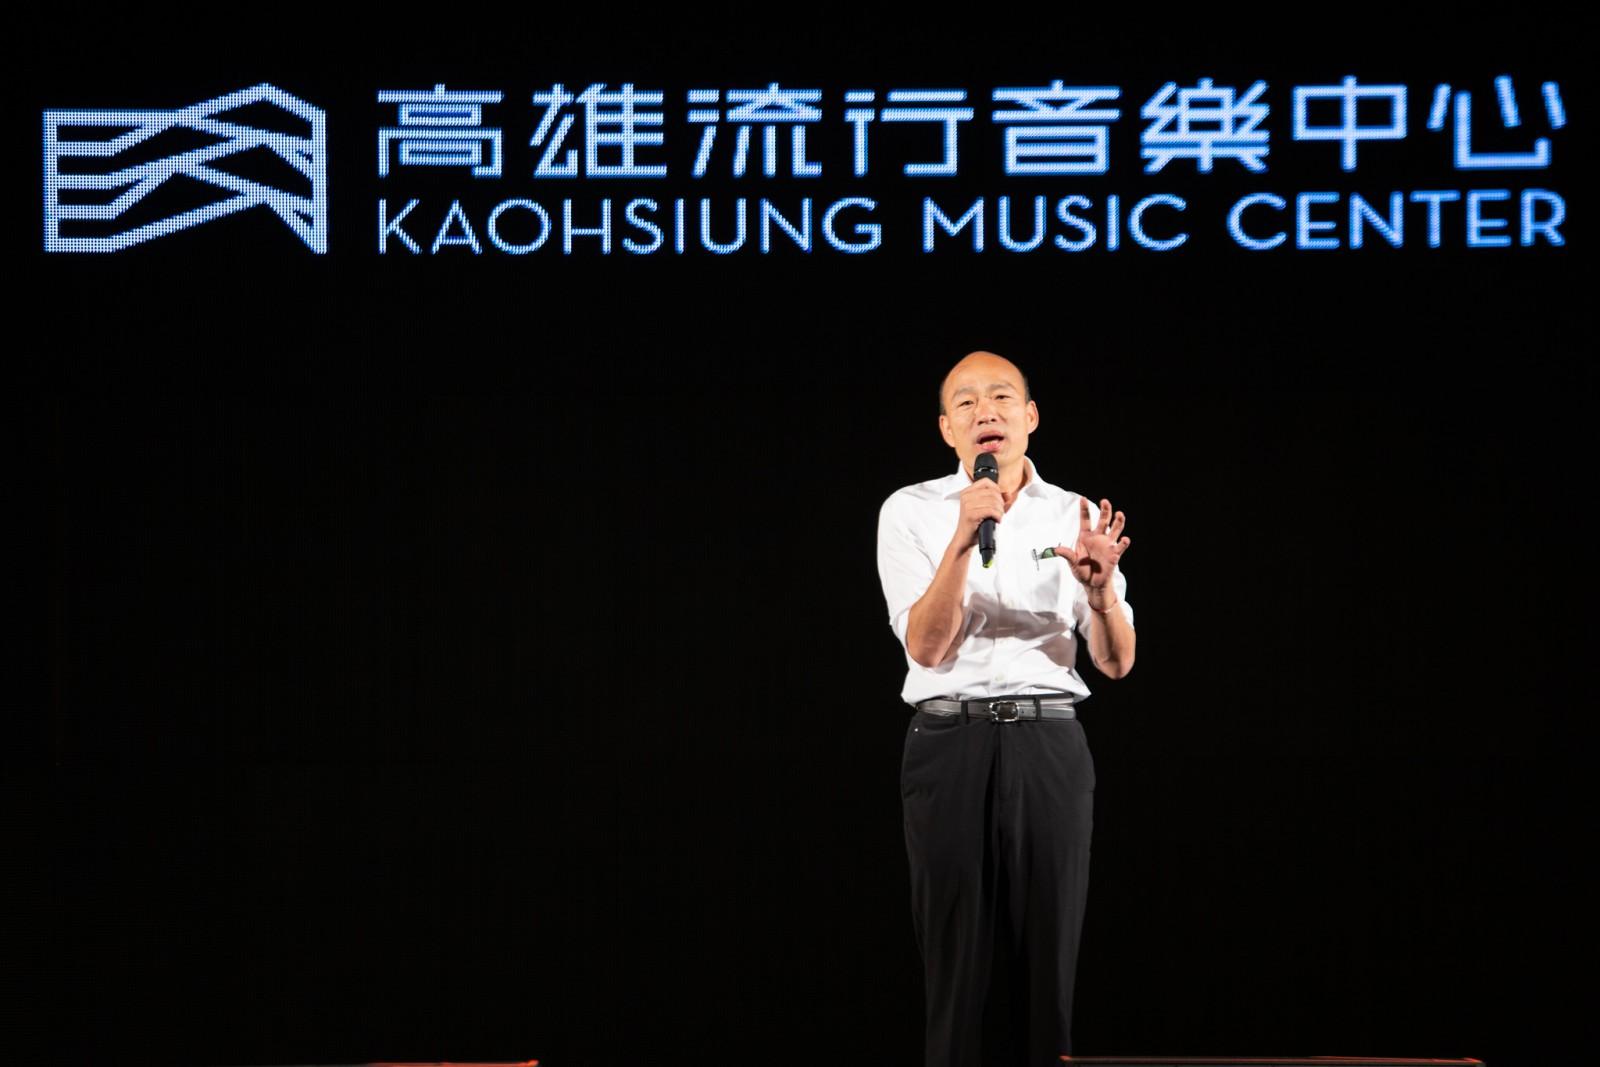 高雄流行音樂中心CI亮相 海洋元素展現城市魅力